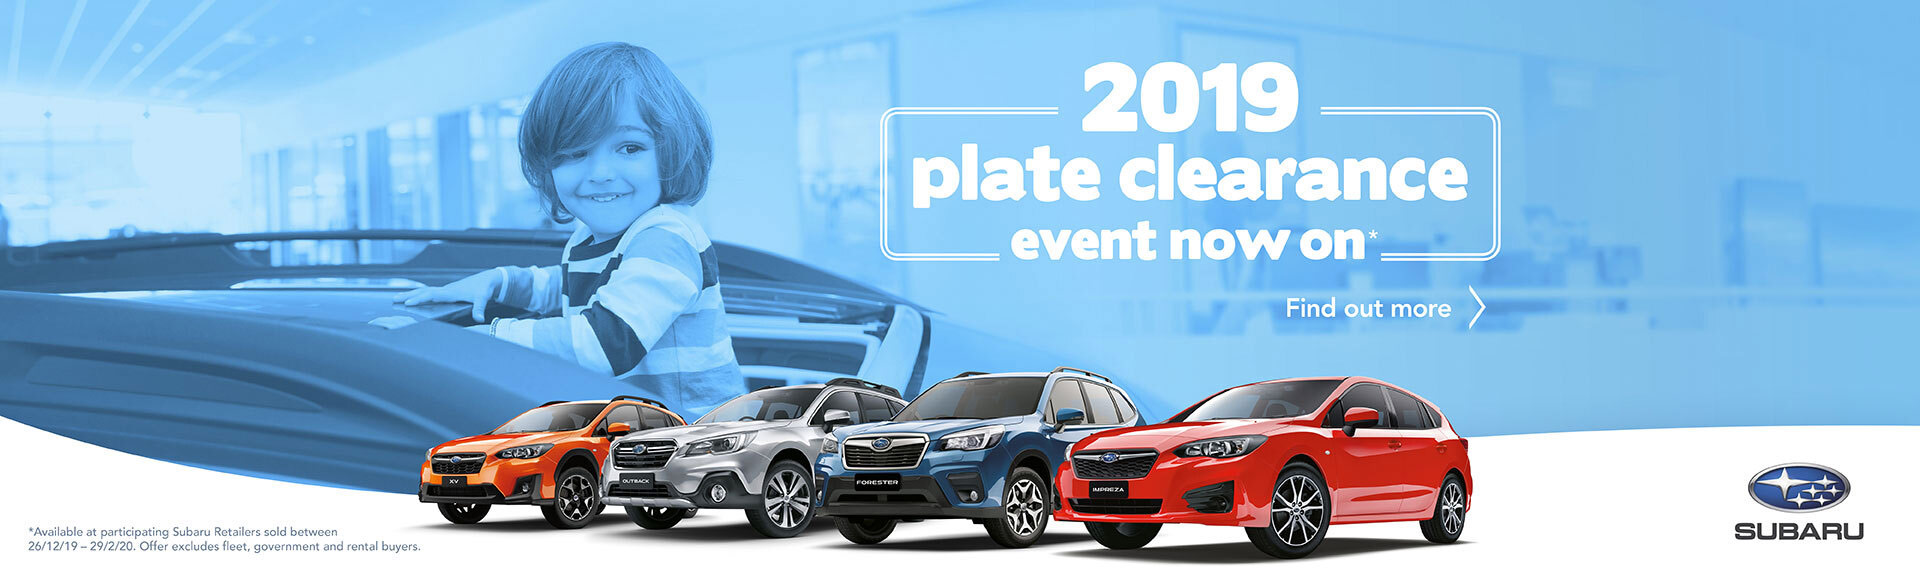 Subaru Dealer Offers